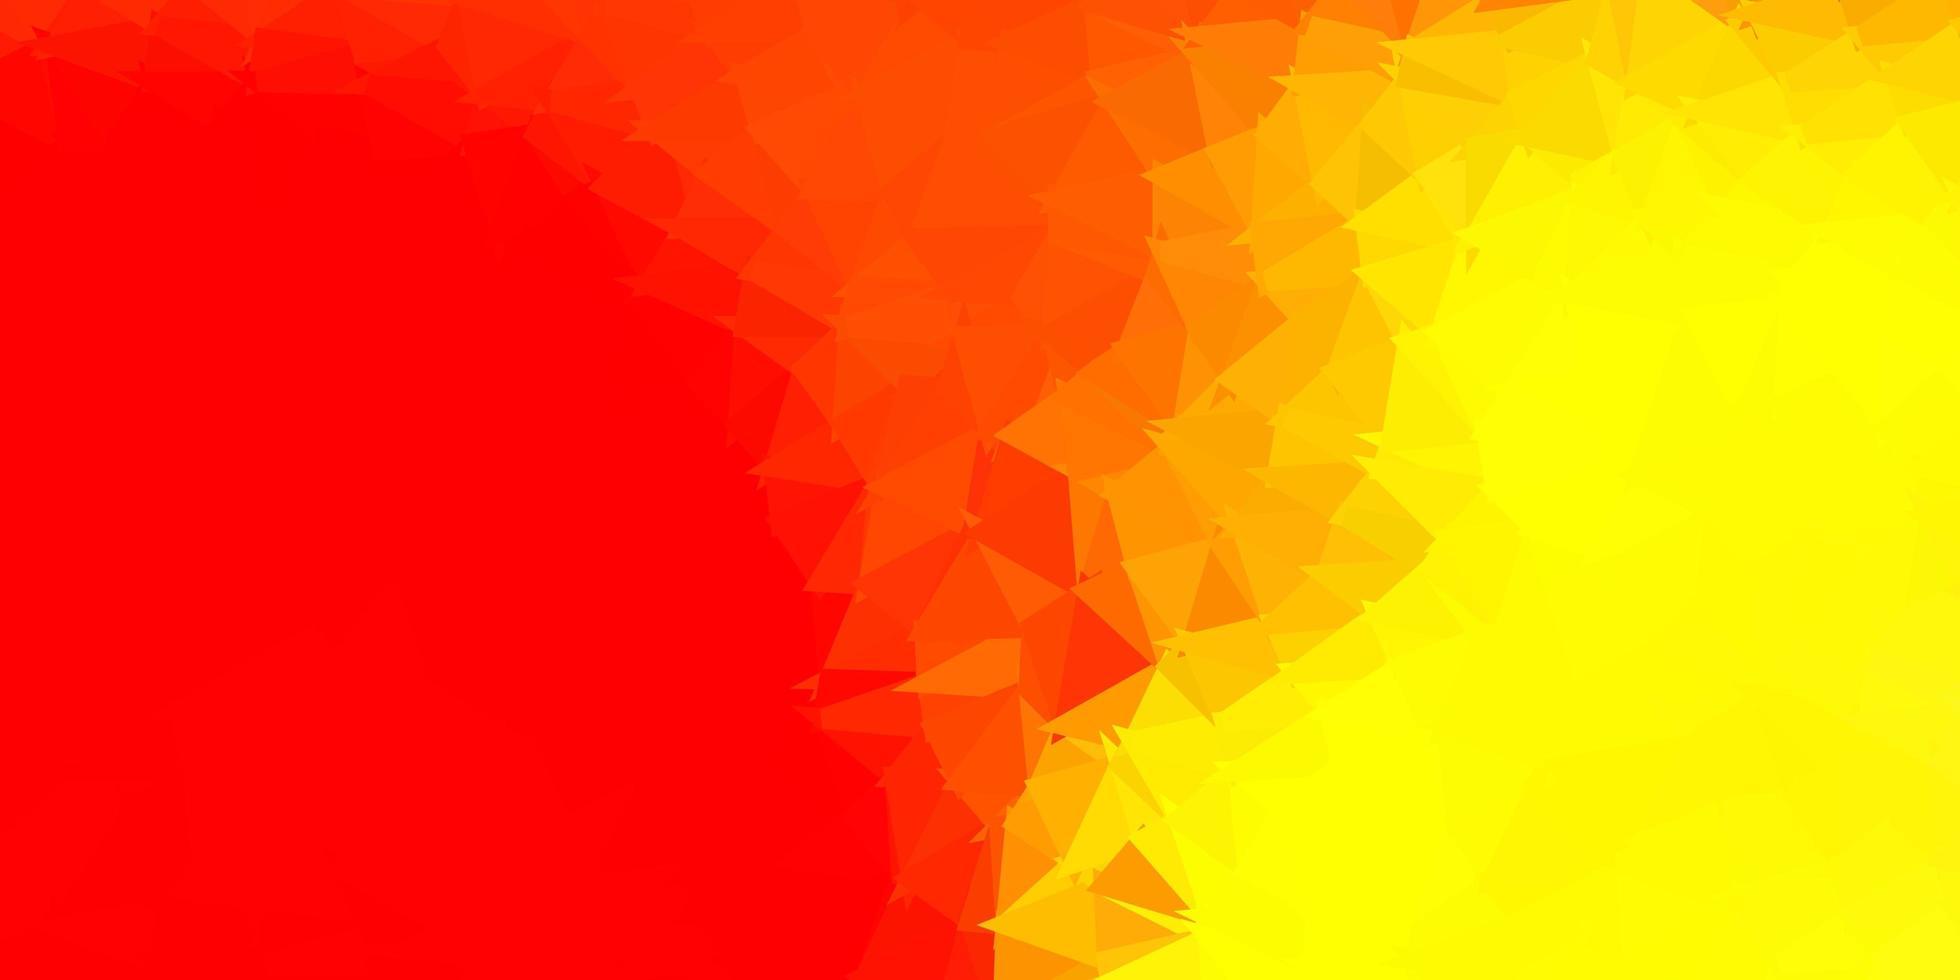 textura do triângulo abstrato do vetor vermelho e amarelo claro.